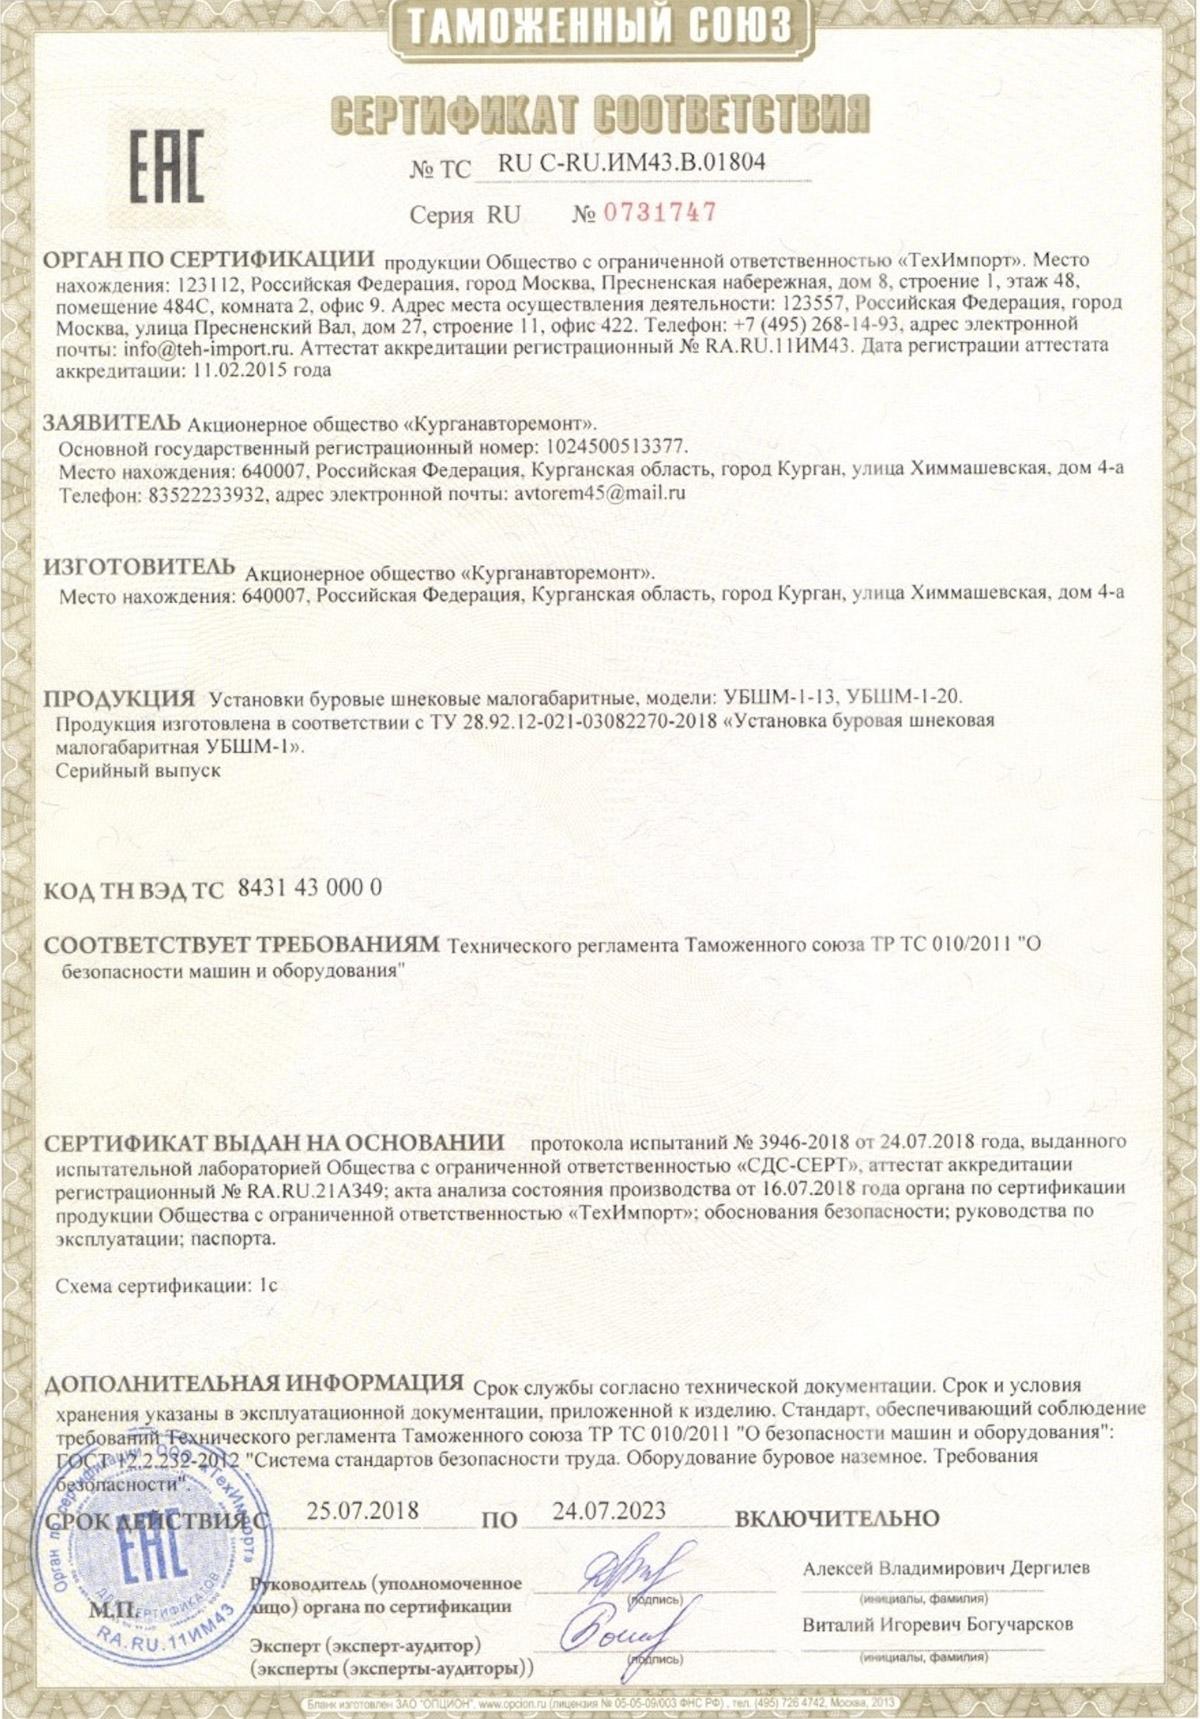 Сертификат Установка буровая малогабаритная УБШМ-1-20 на базе самоходного шасси ШС-04